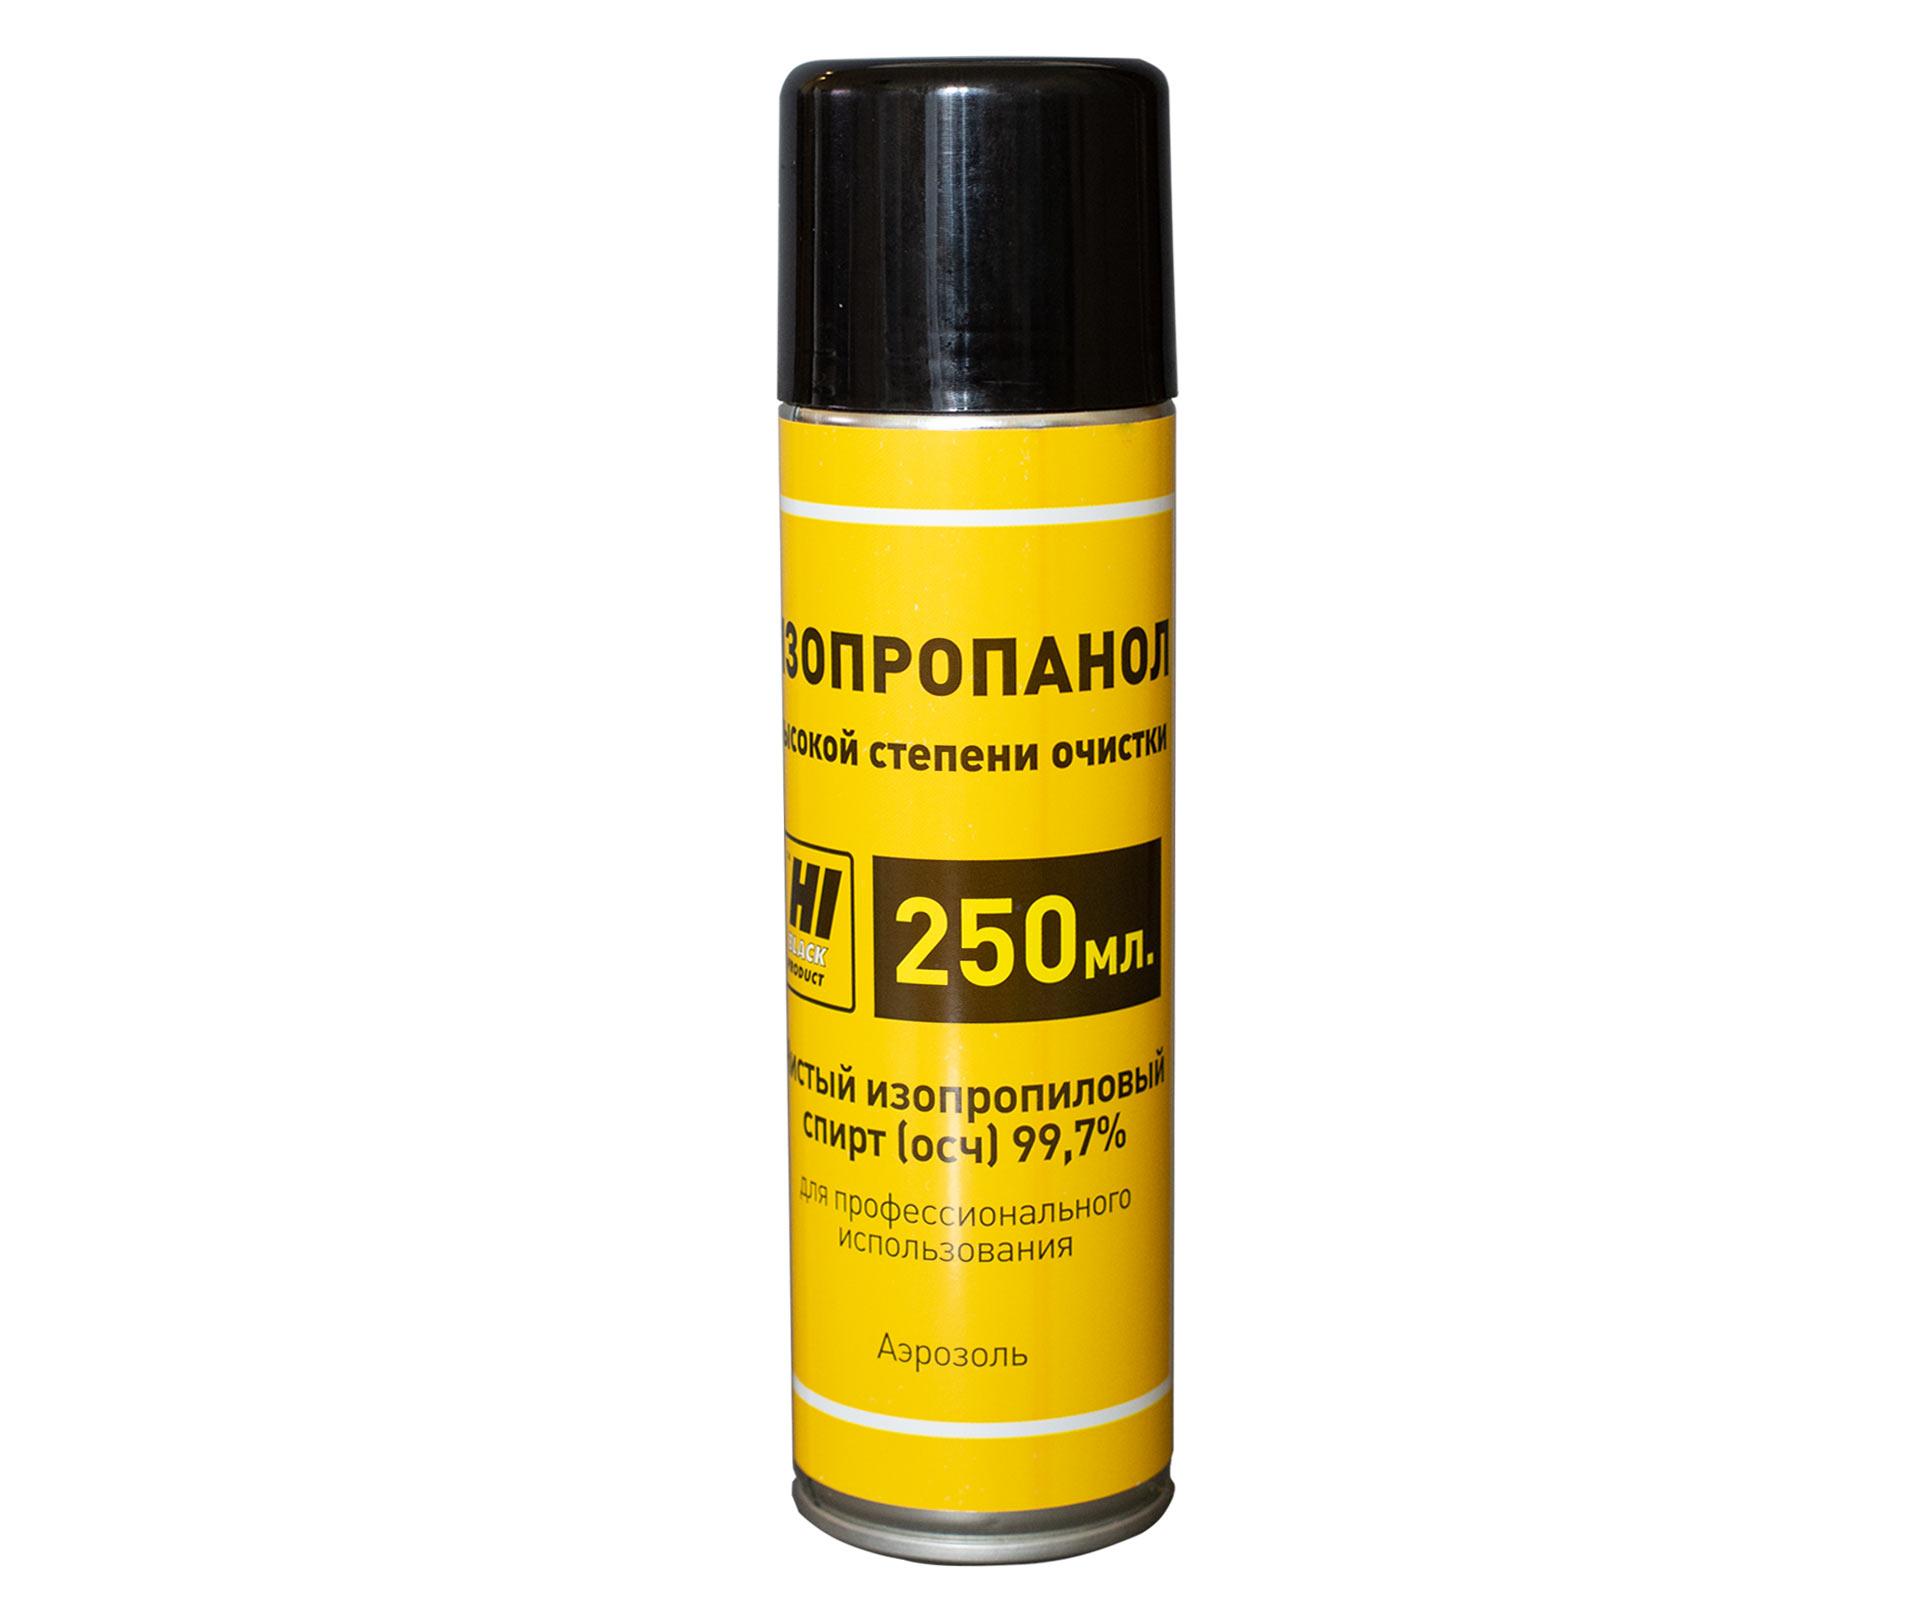 Изопропанол Hi-Black высокой степени очистки, 250 мл, аэрозоль